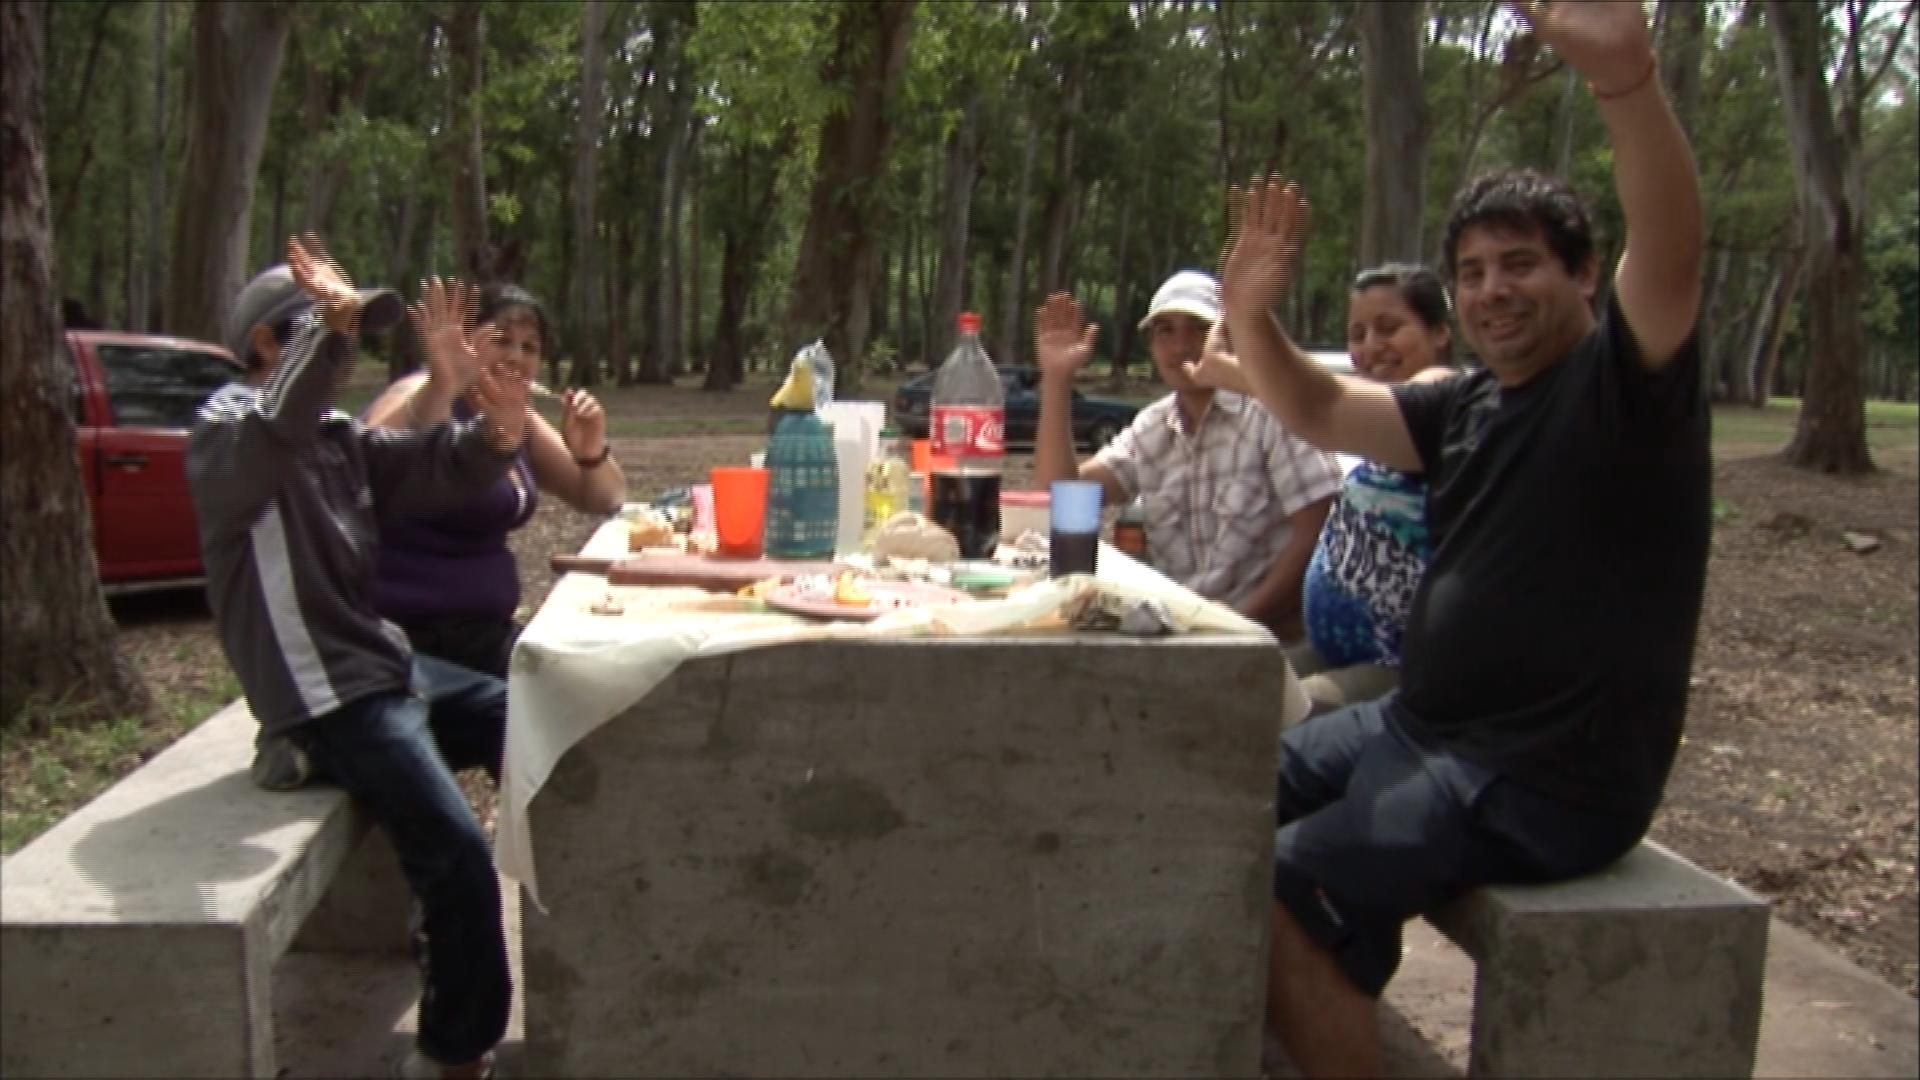 Centro Recreativo Bosques de Ezeiza